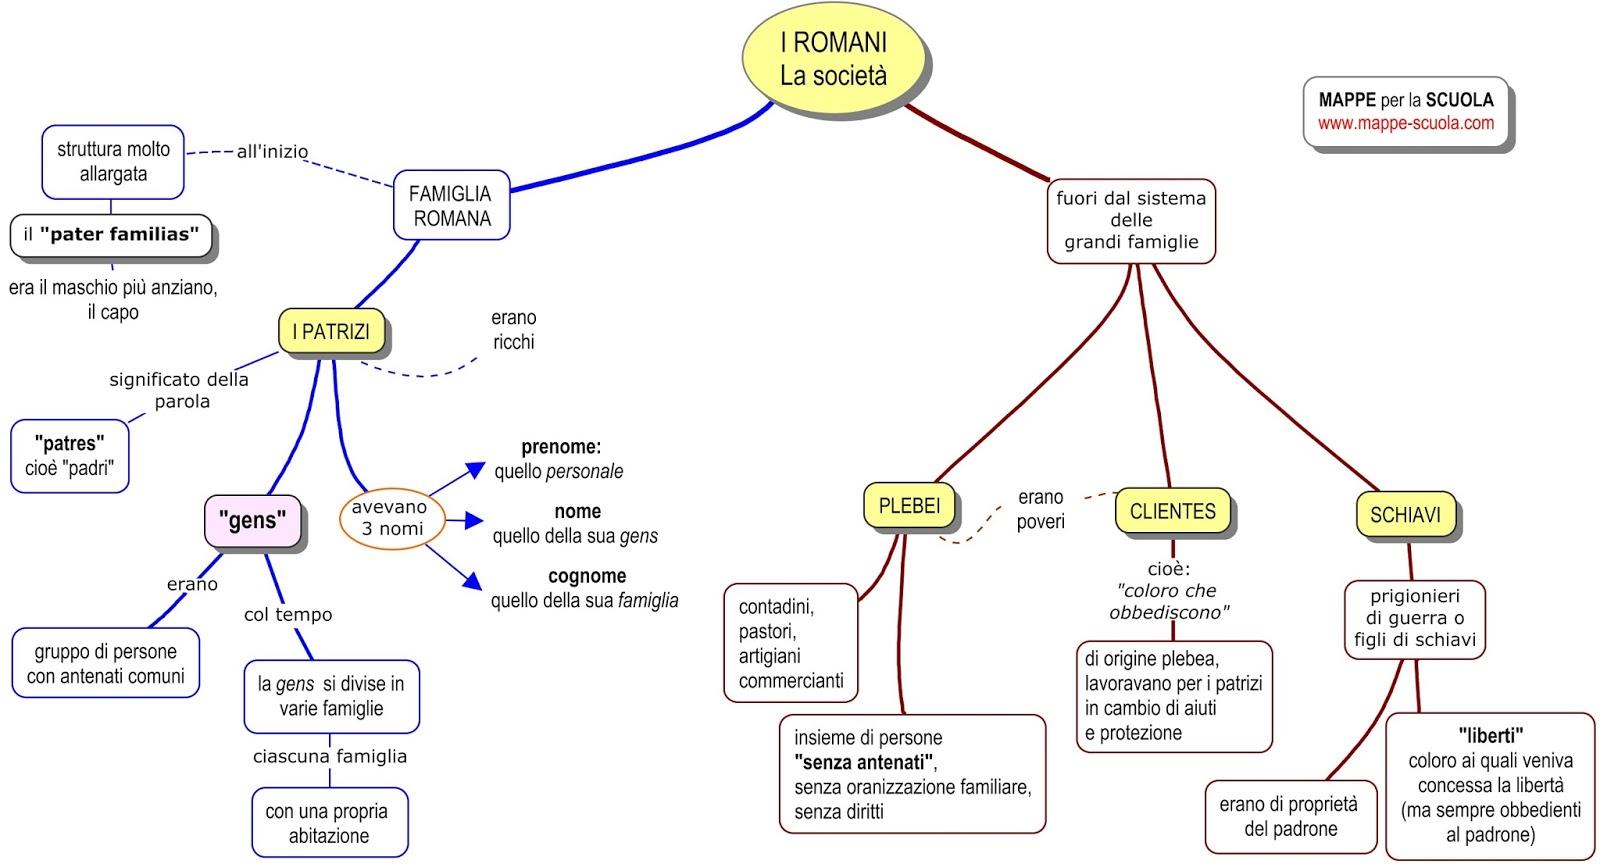 abbastanza MAPPE per la SCUOLA: I ROMANI (2): la società WZ68